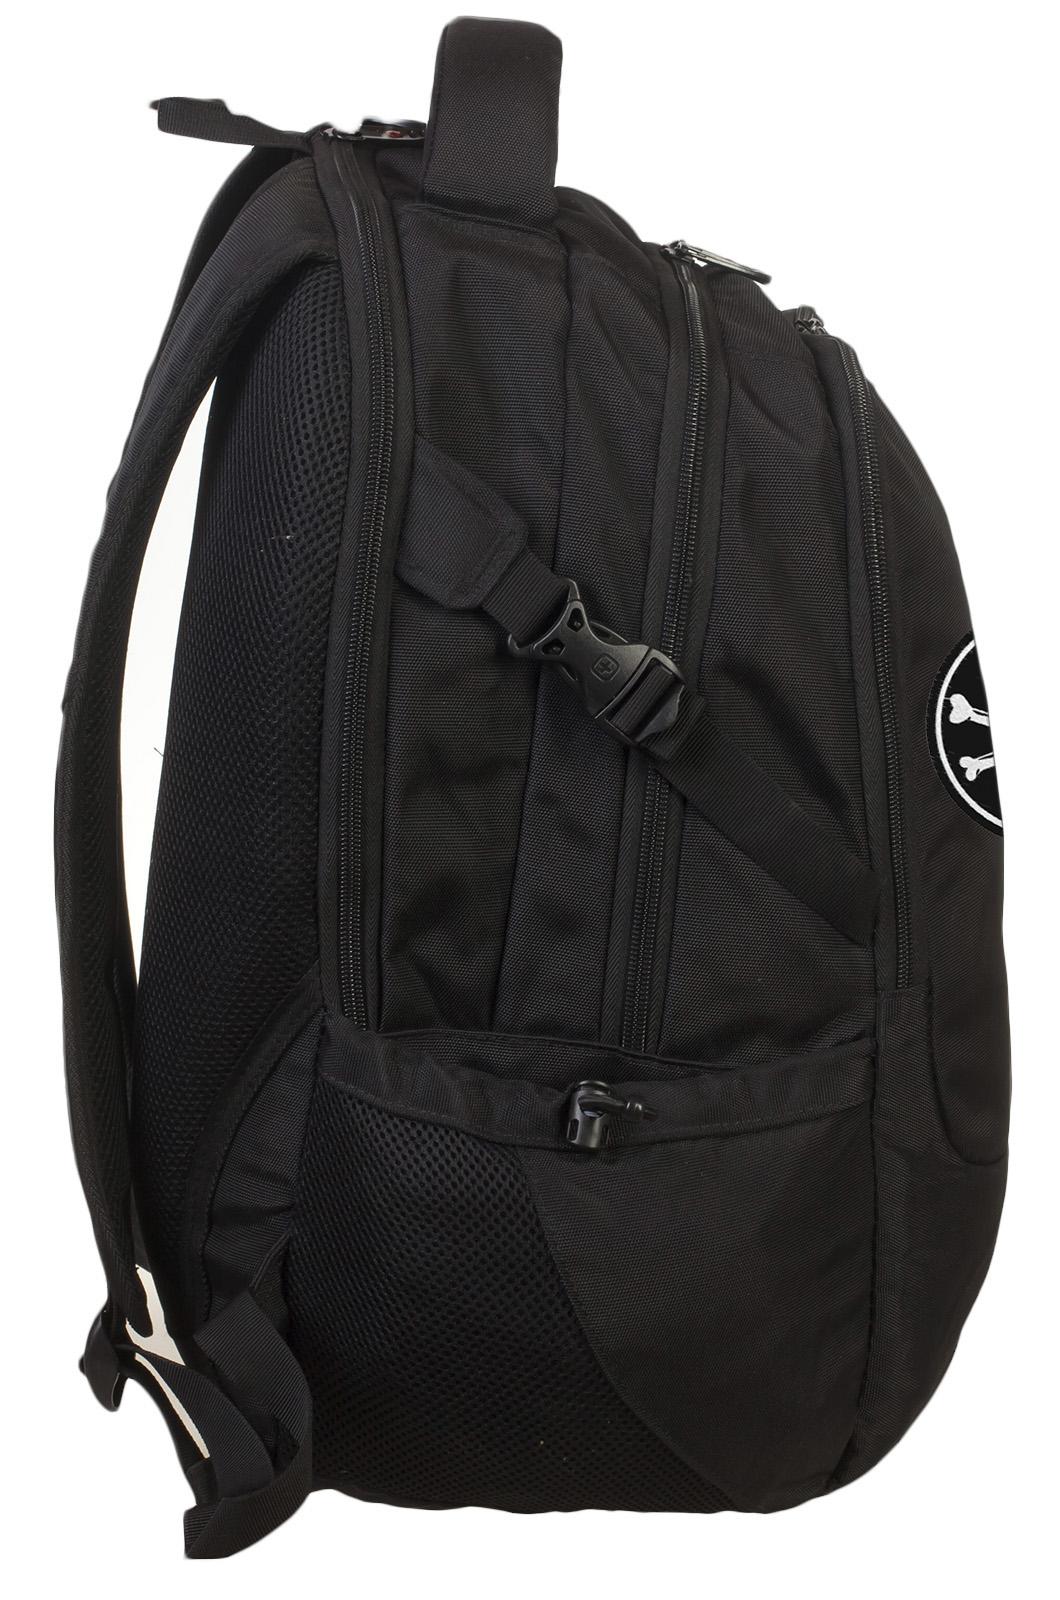 Крутой надежный рюкзак с нашивкой Пиратский флаг - купить онлайн